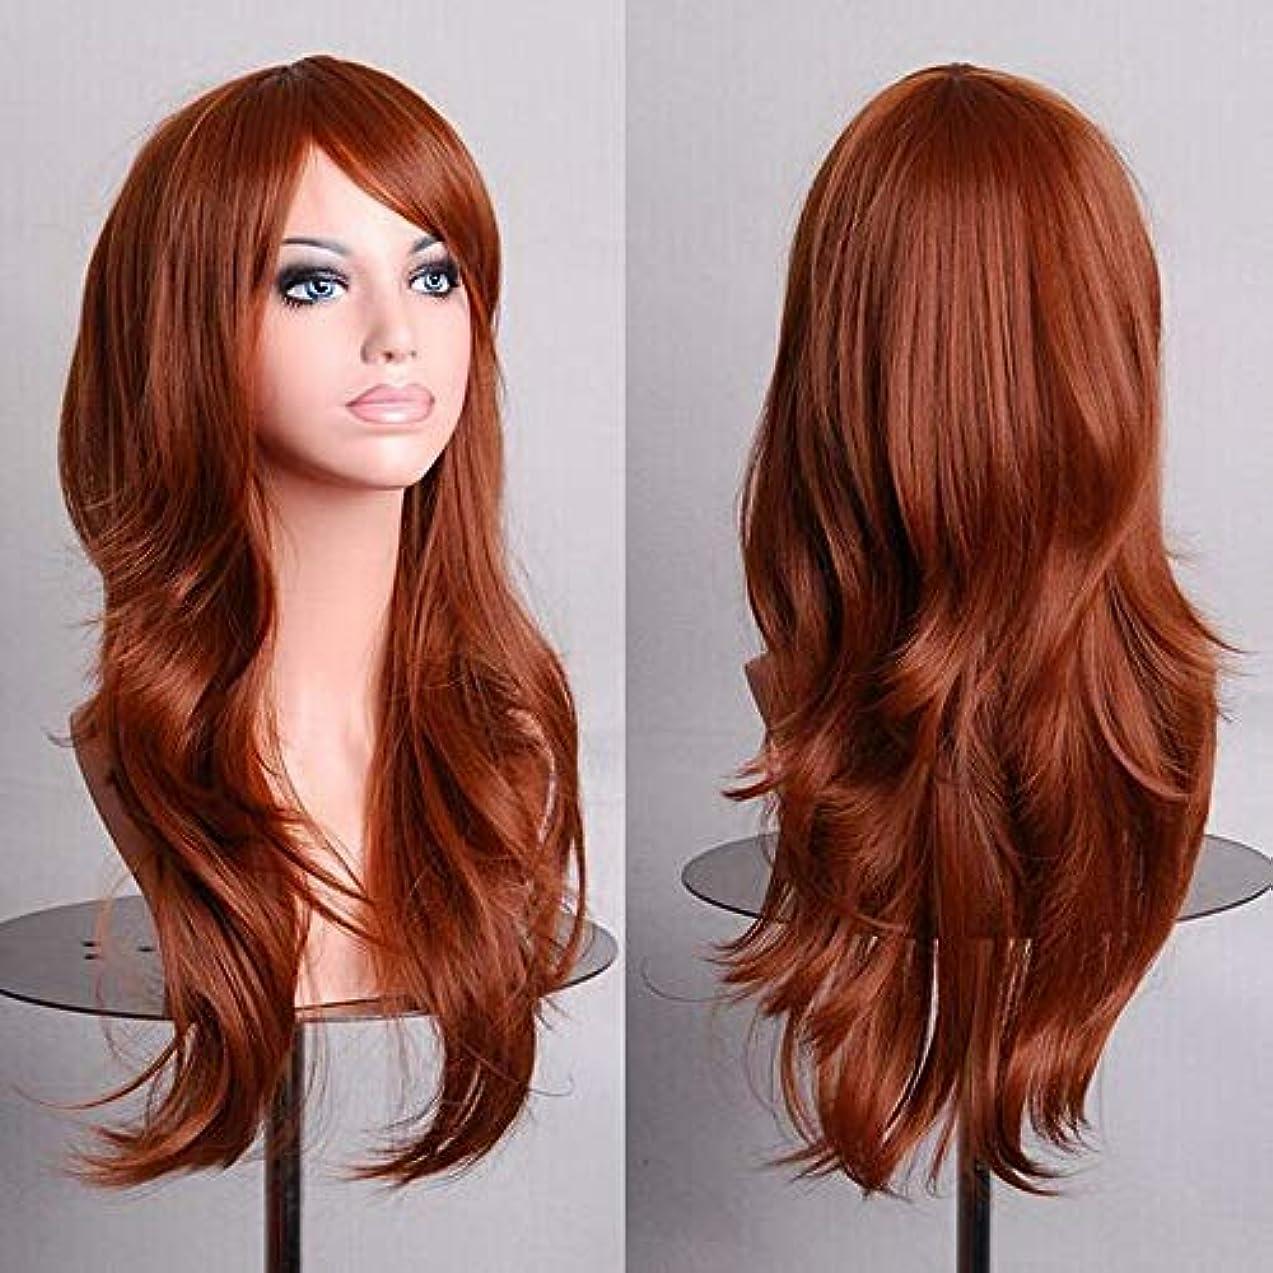 女性のための色のかつら長いウェーブのかかった髪、高密度温度合成かつら女性のグルーレスウェーブのかかったコスプレヘアウィッグ、耐熱繊維ヘアウィッグハロウィン用、黄色ウィッグ27.55インチ (Color : Brown)